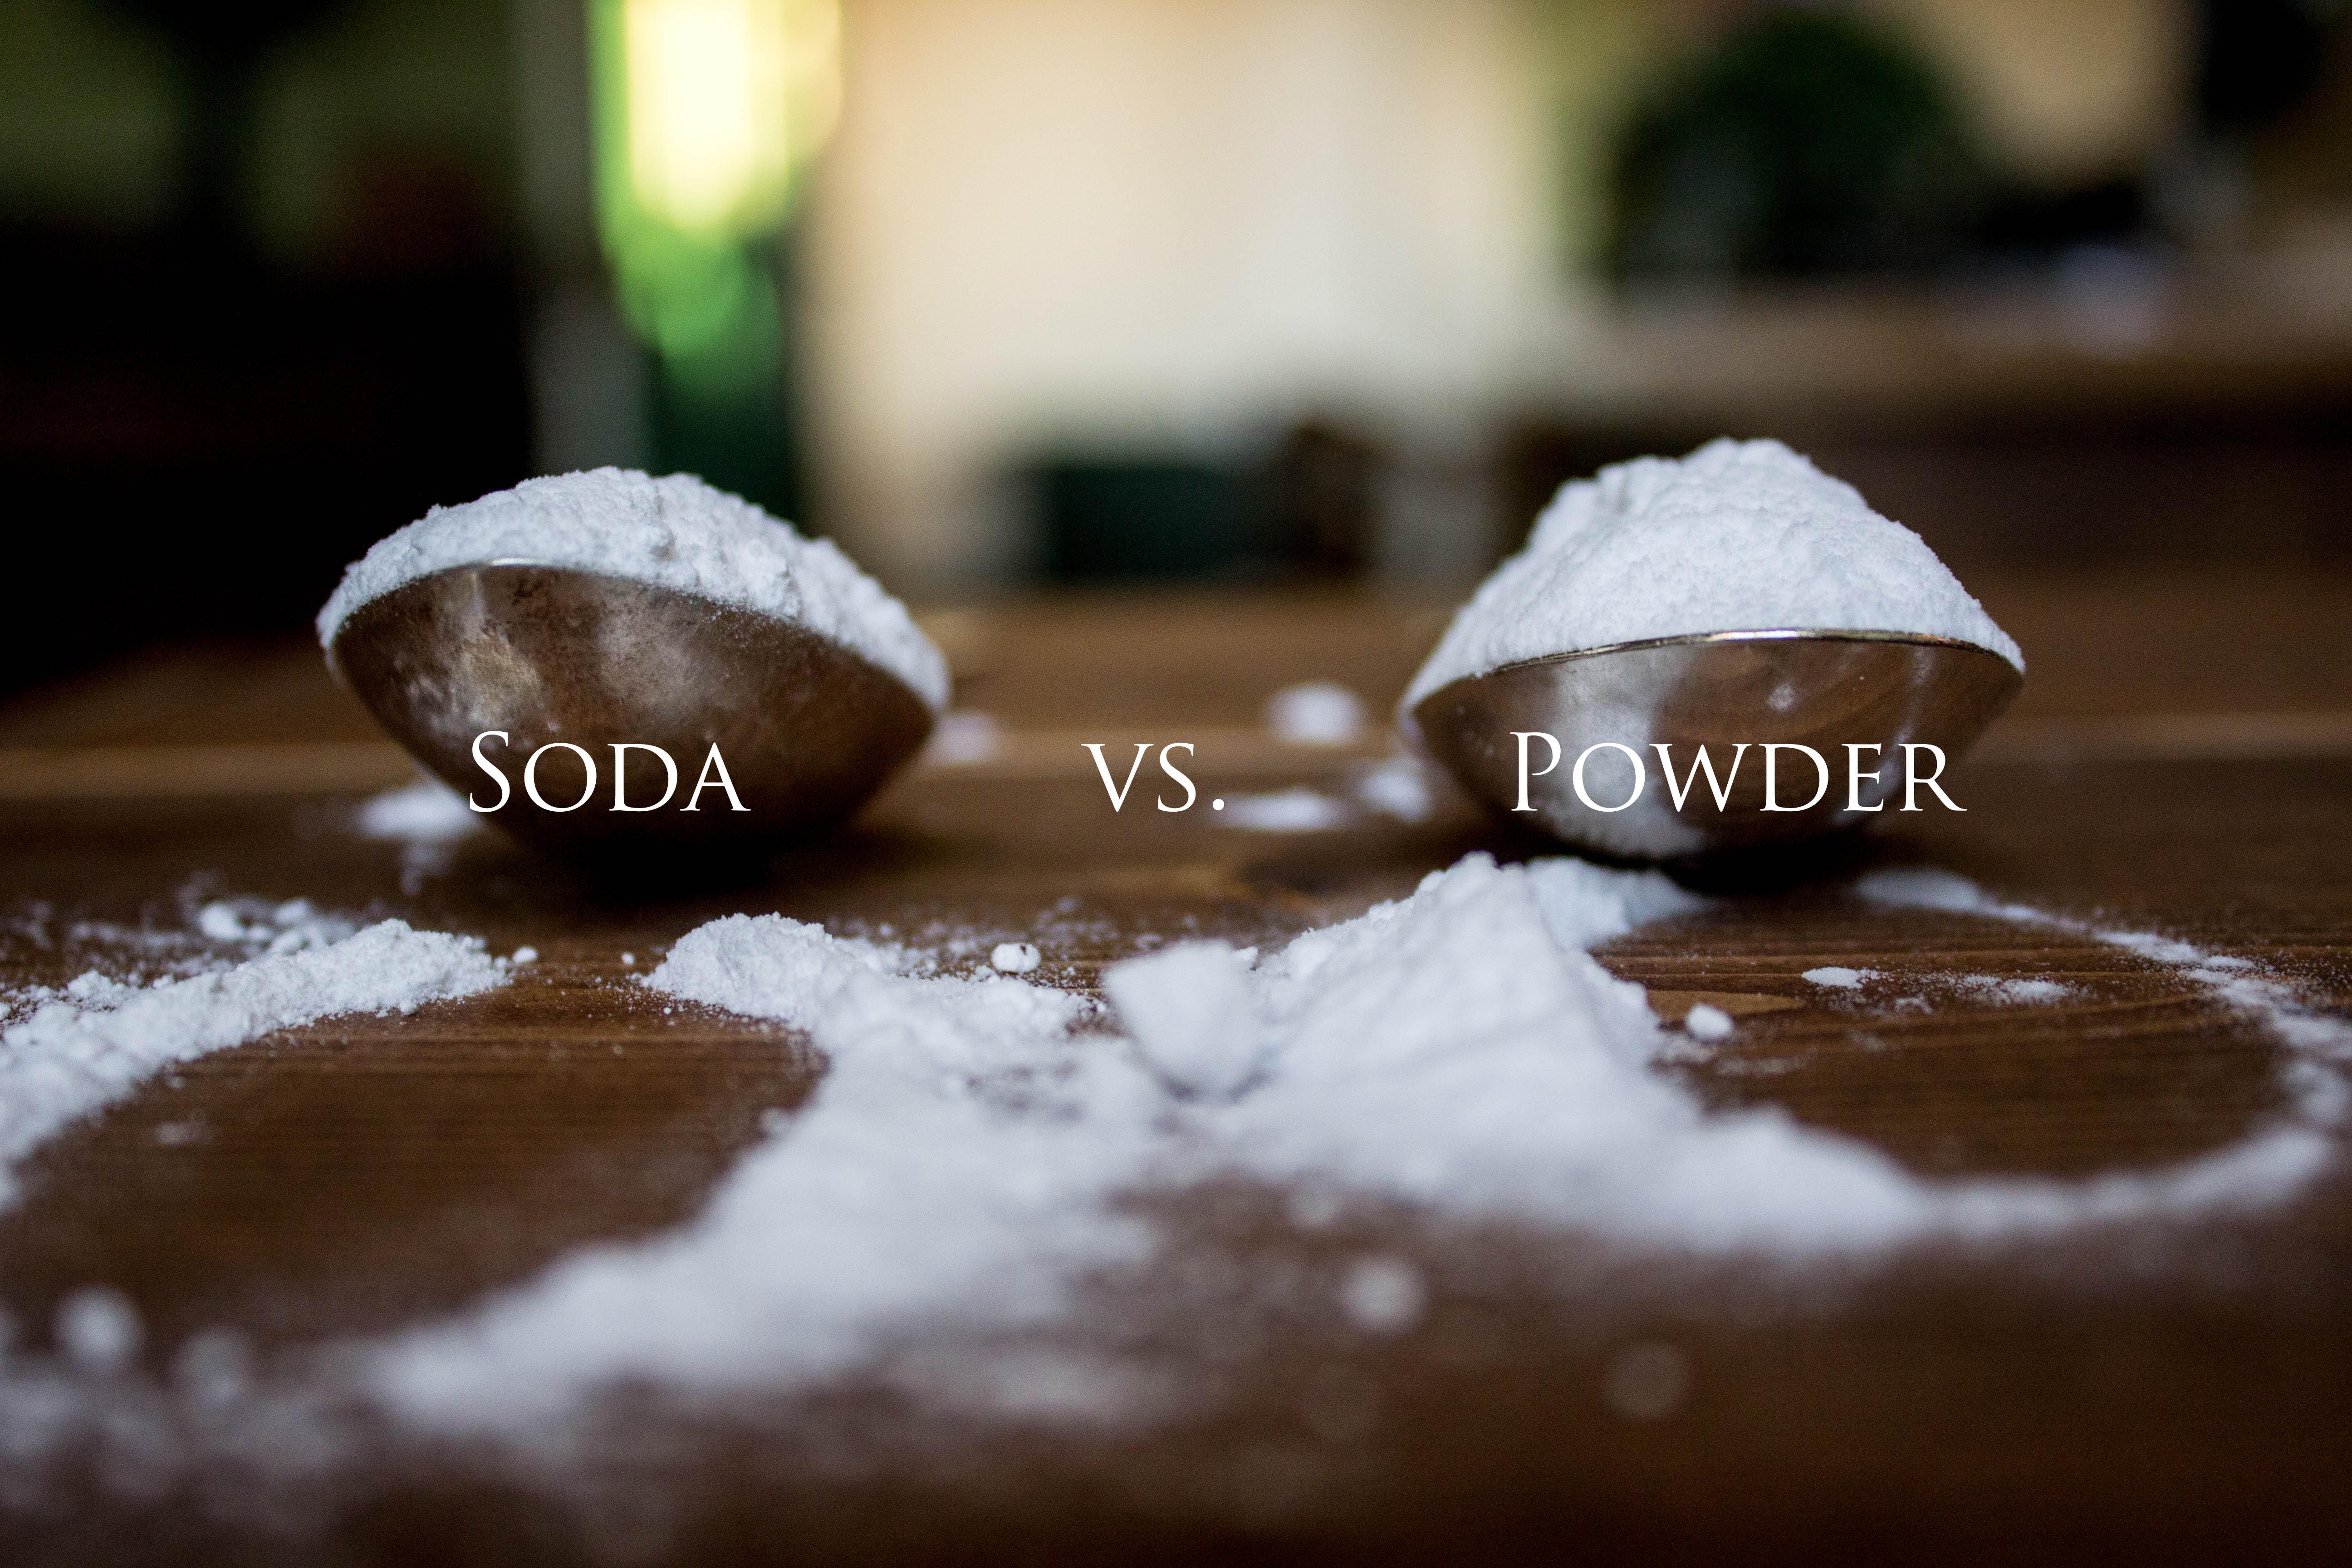 Soda Spreads, Powder Puffs